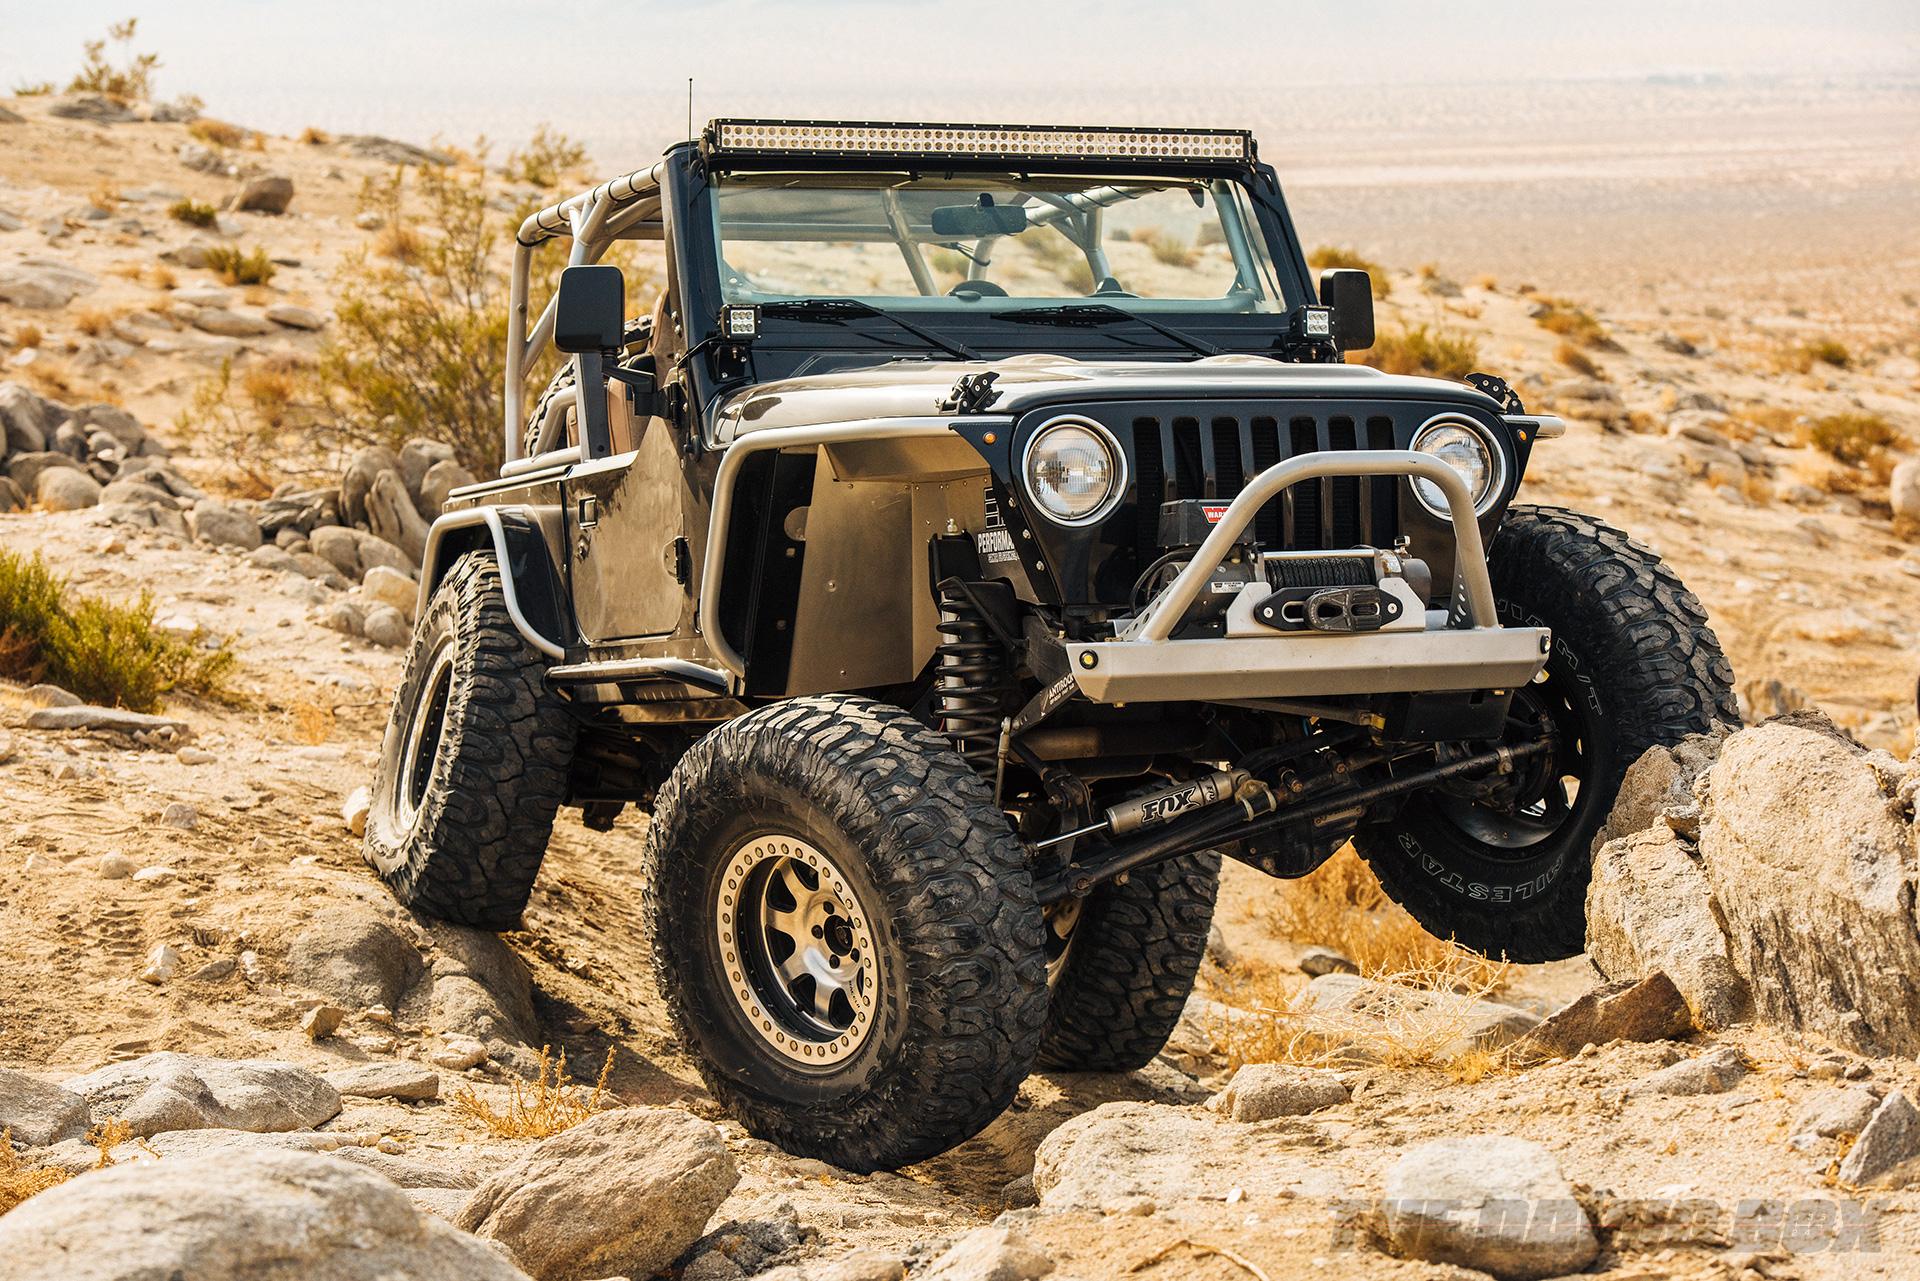 Jason Zamora's 2000 Jeep Wrangler TJ, Flex